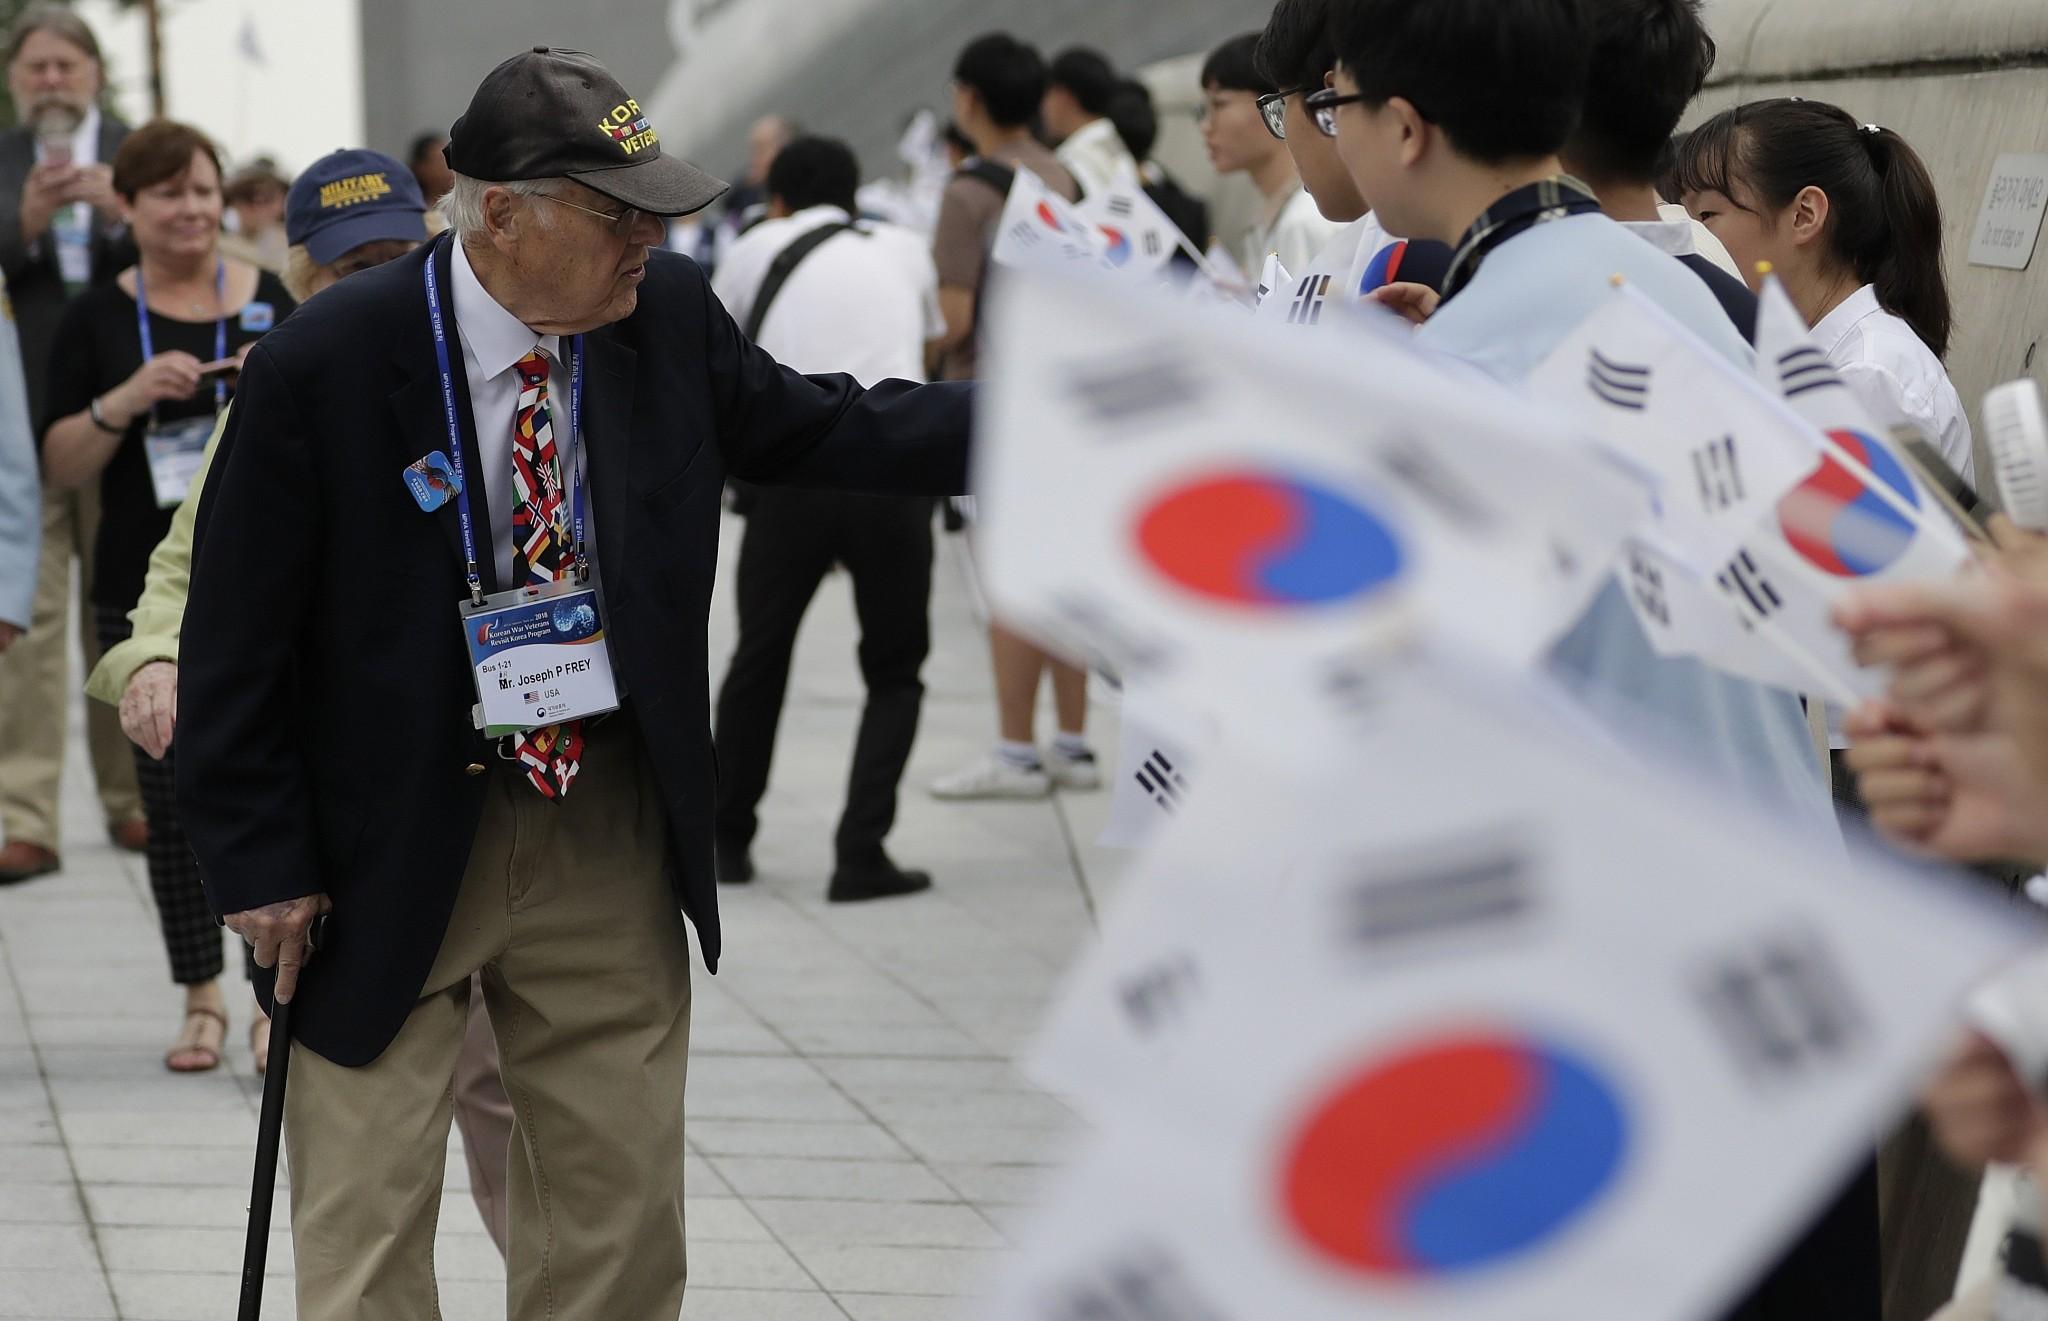 Kore, Bir 'K' tutturmuş Gidiyor Ama